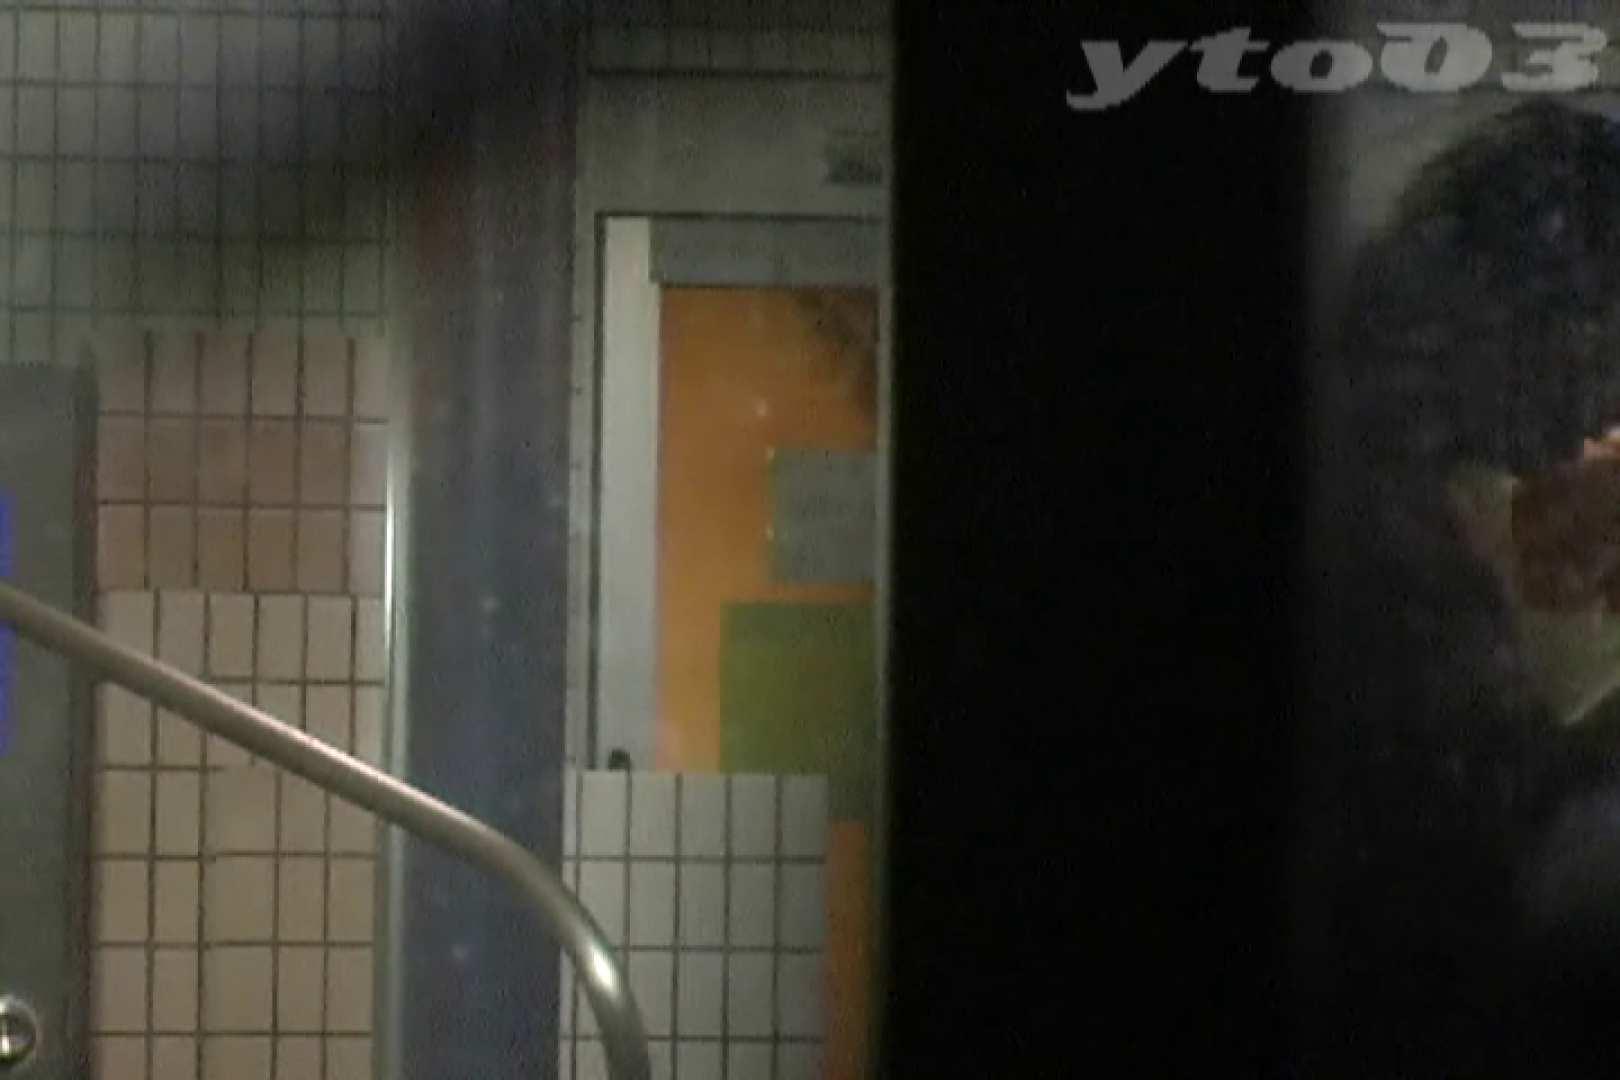 トイレ盗撮|▲復活限定▲合宿ホテル女風呂盗撮 Vol.18|怪盗ジョーカー